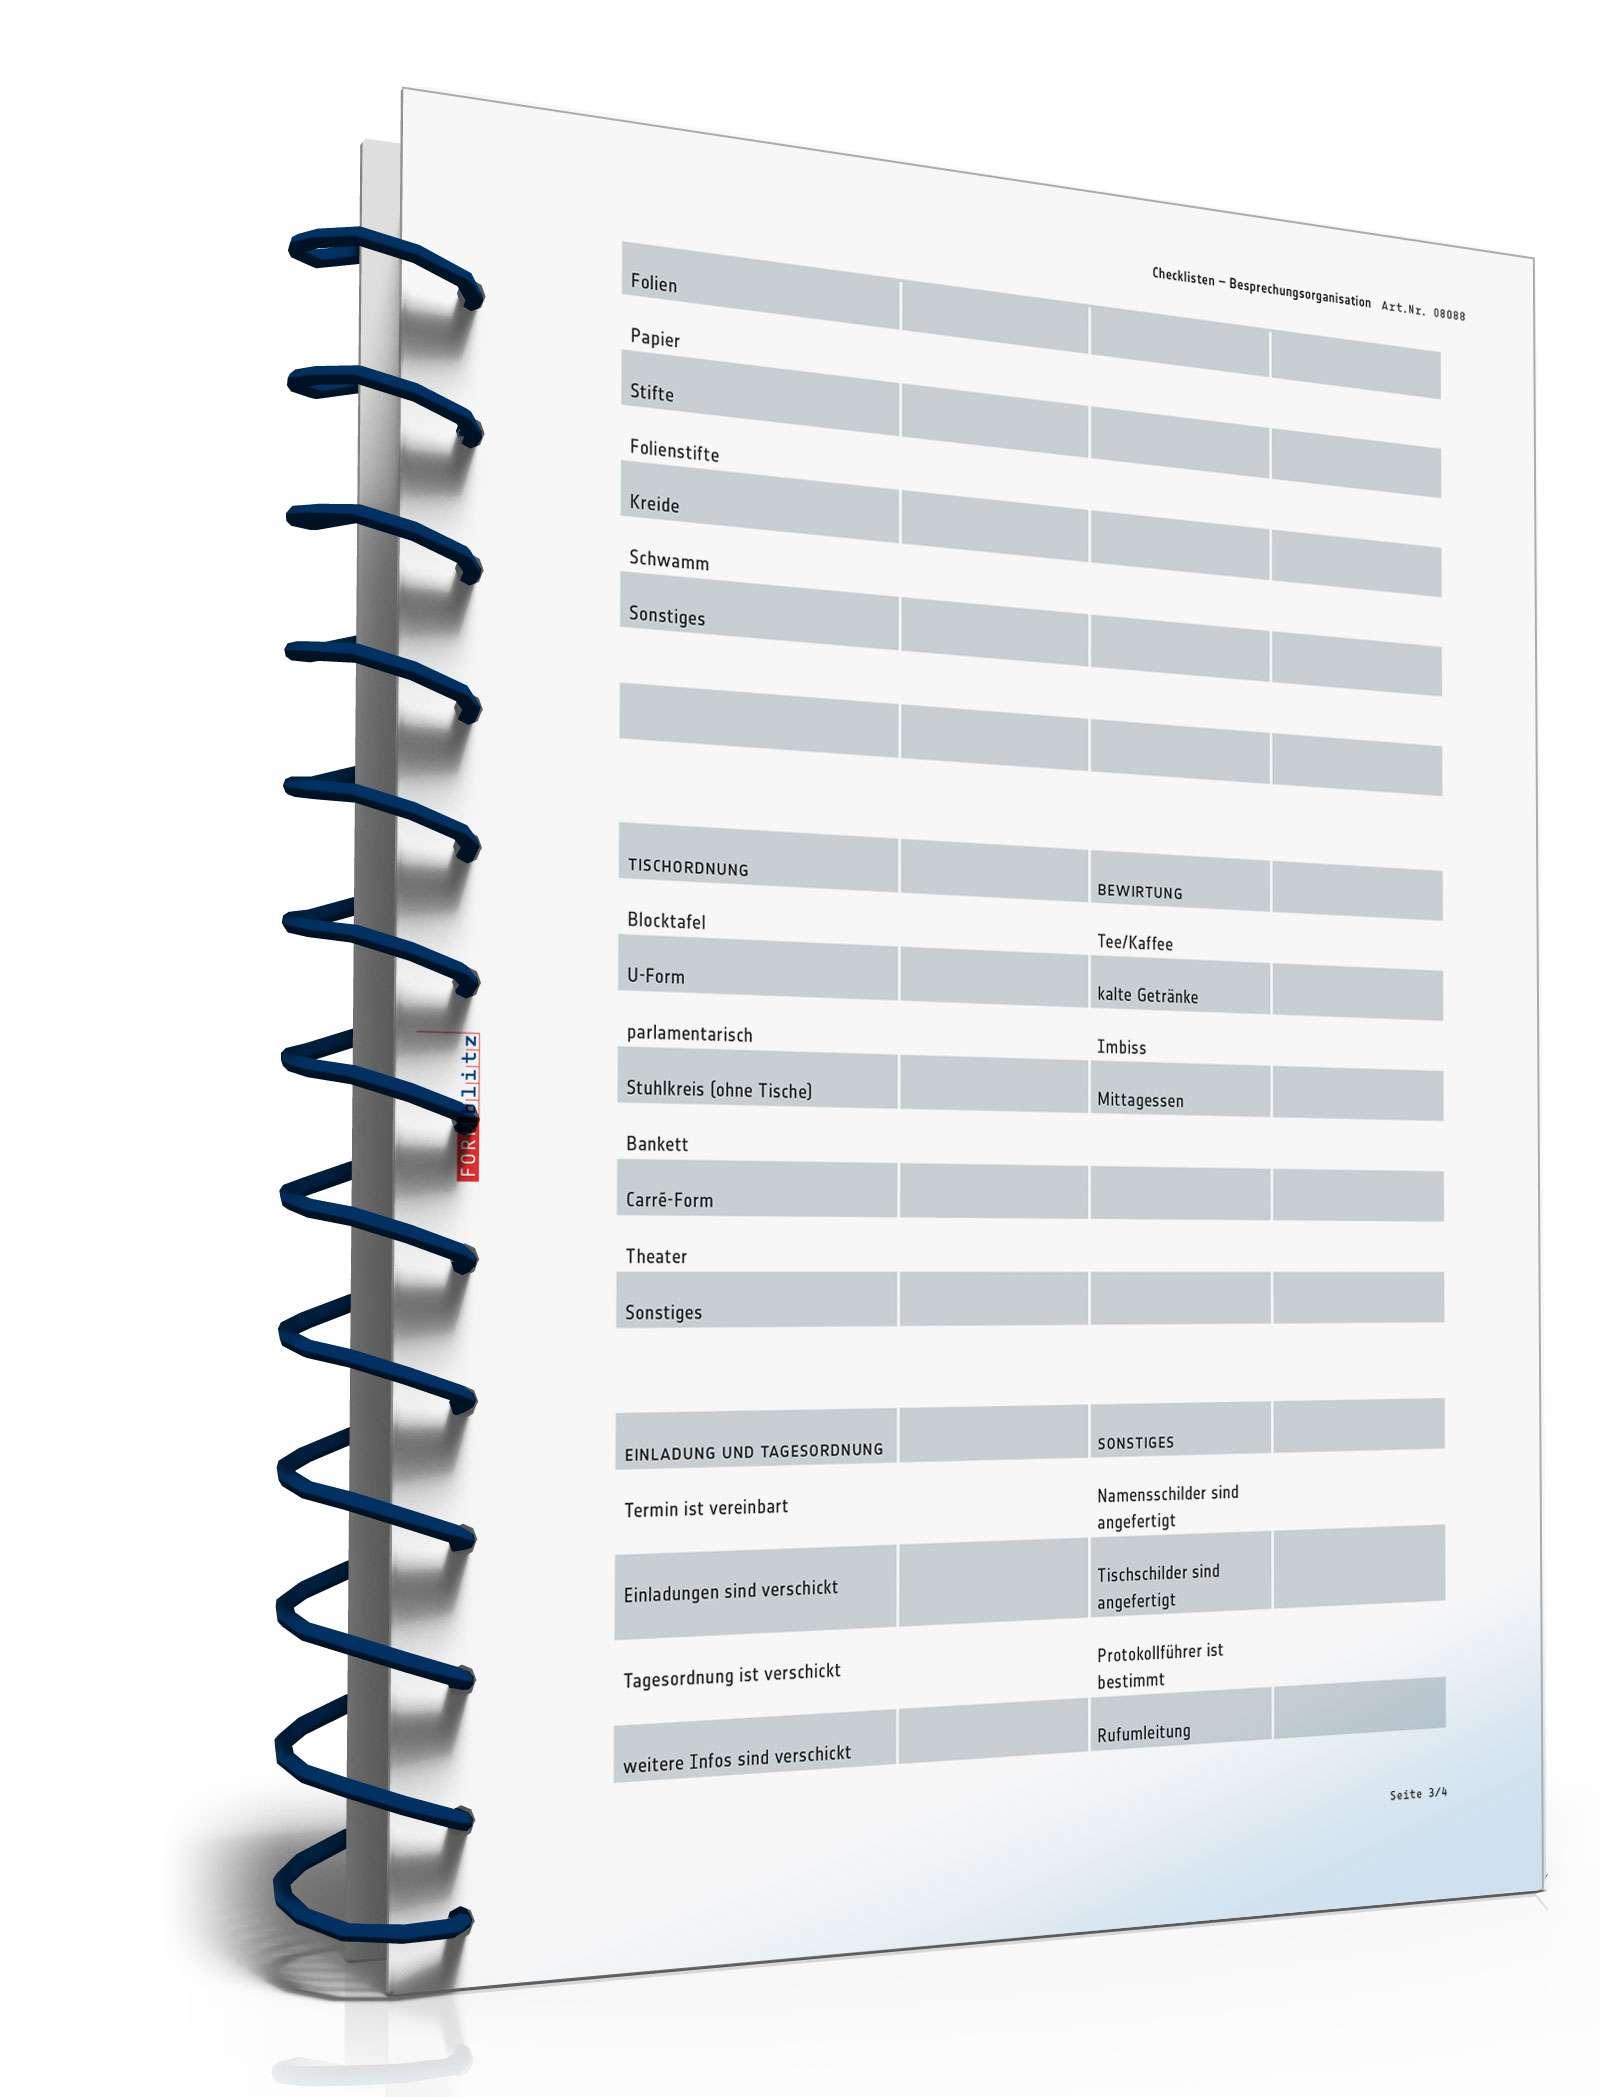 checkliste besprechungsorganisation | muster zum download, Einladung